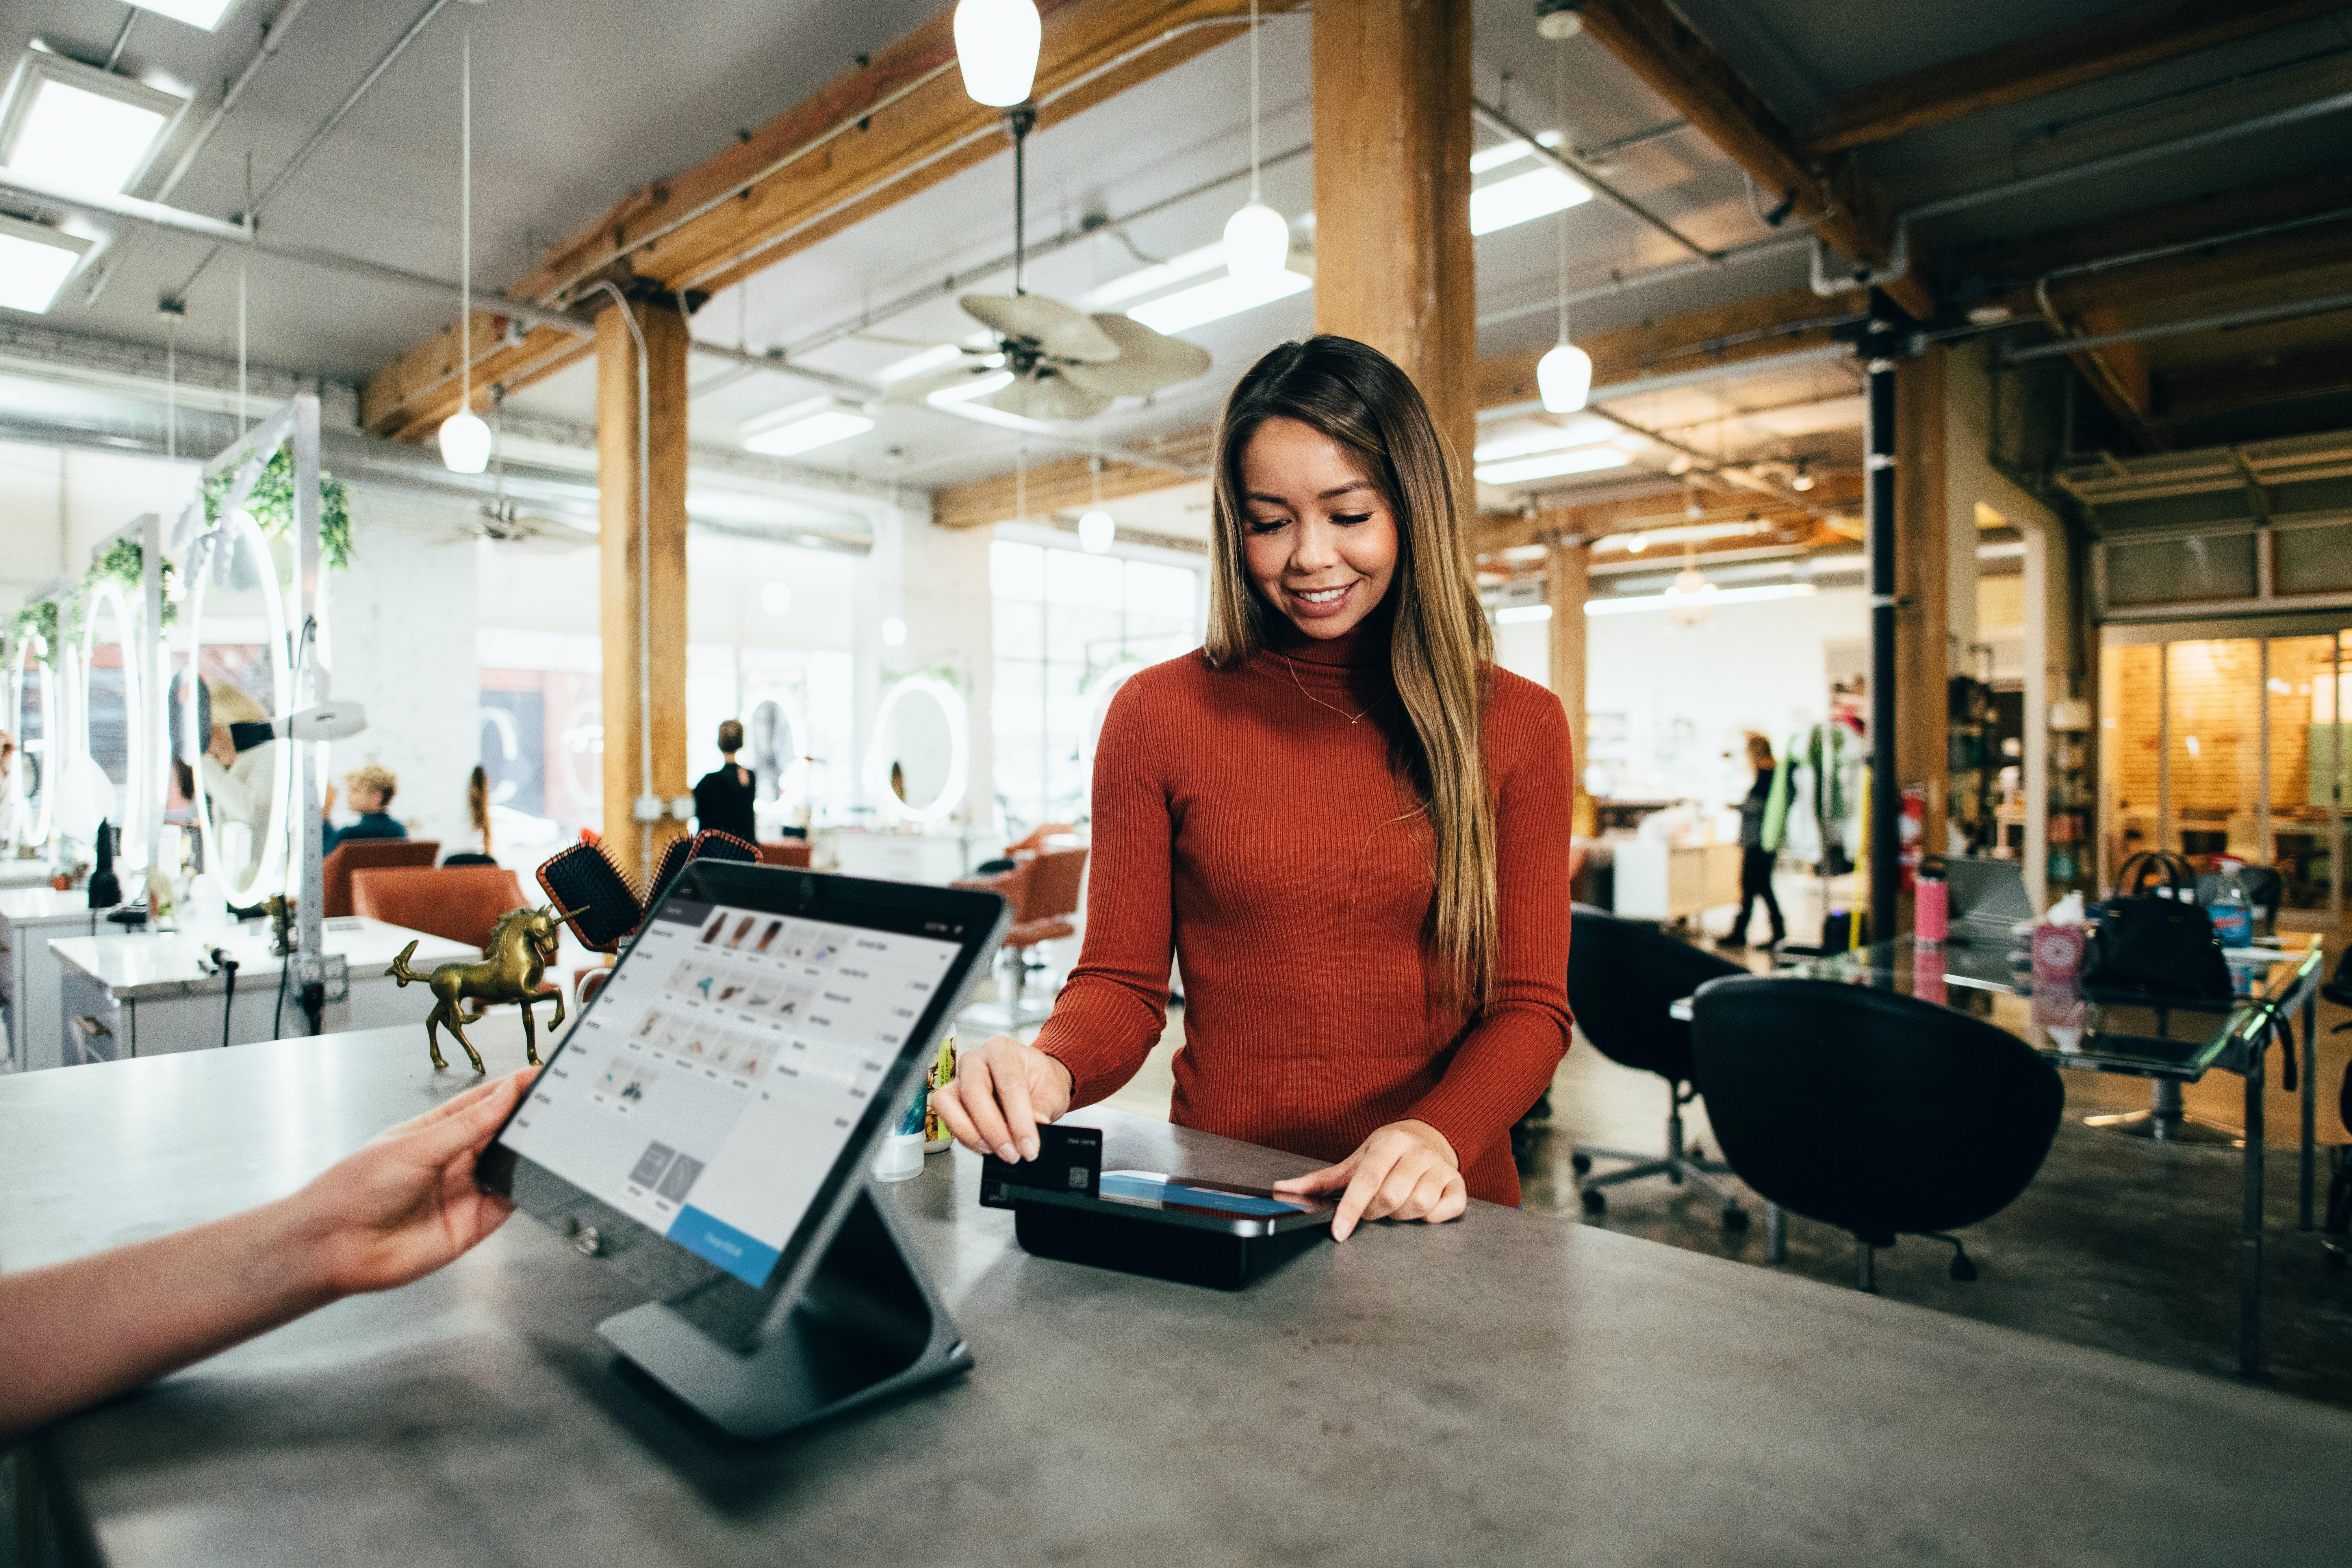 Customer At Counter